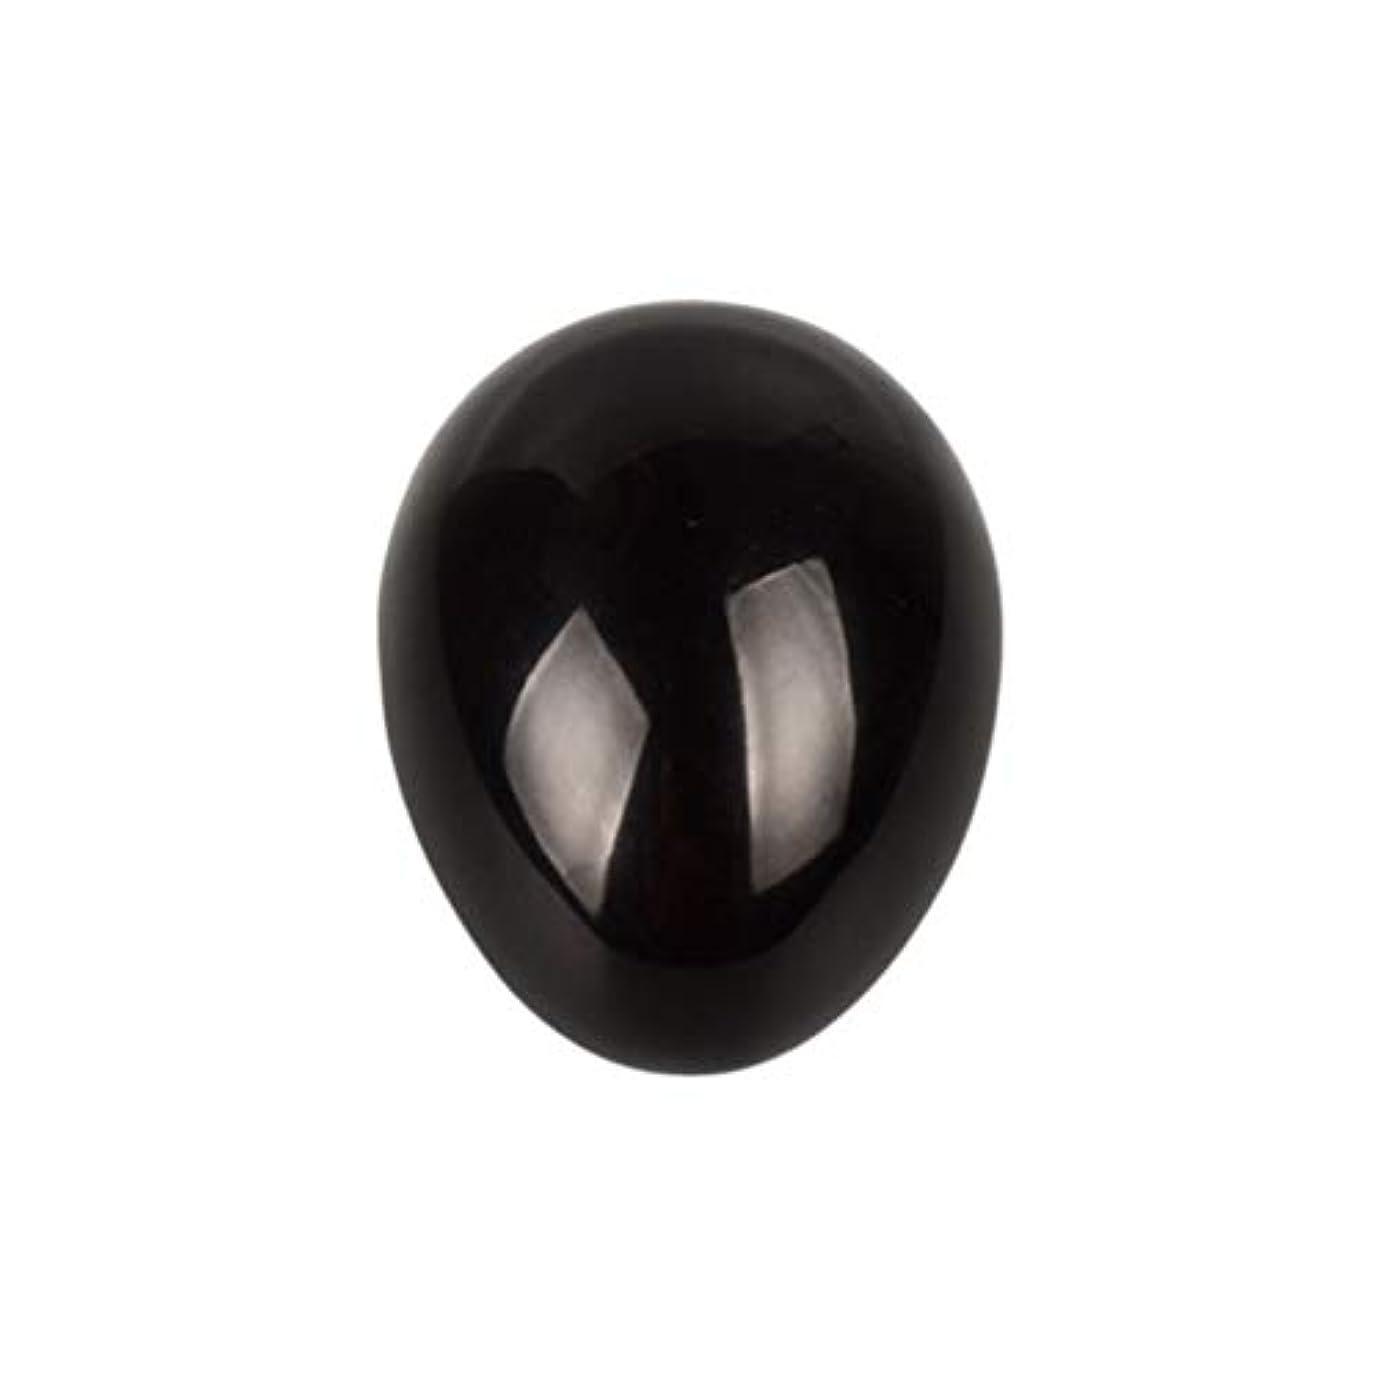 偶然コマースブレンドSUPVOX 45×30×30ミリメートルのバランスをとる瞑想チャクラを癒すための黒曜石宝石用原石の卵球